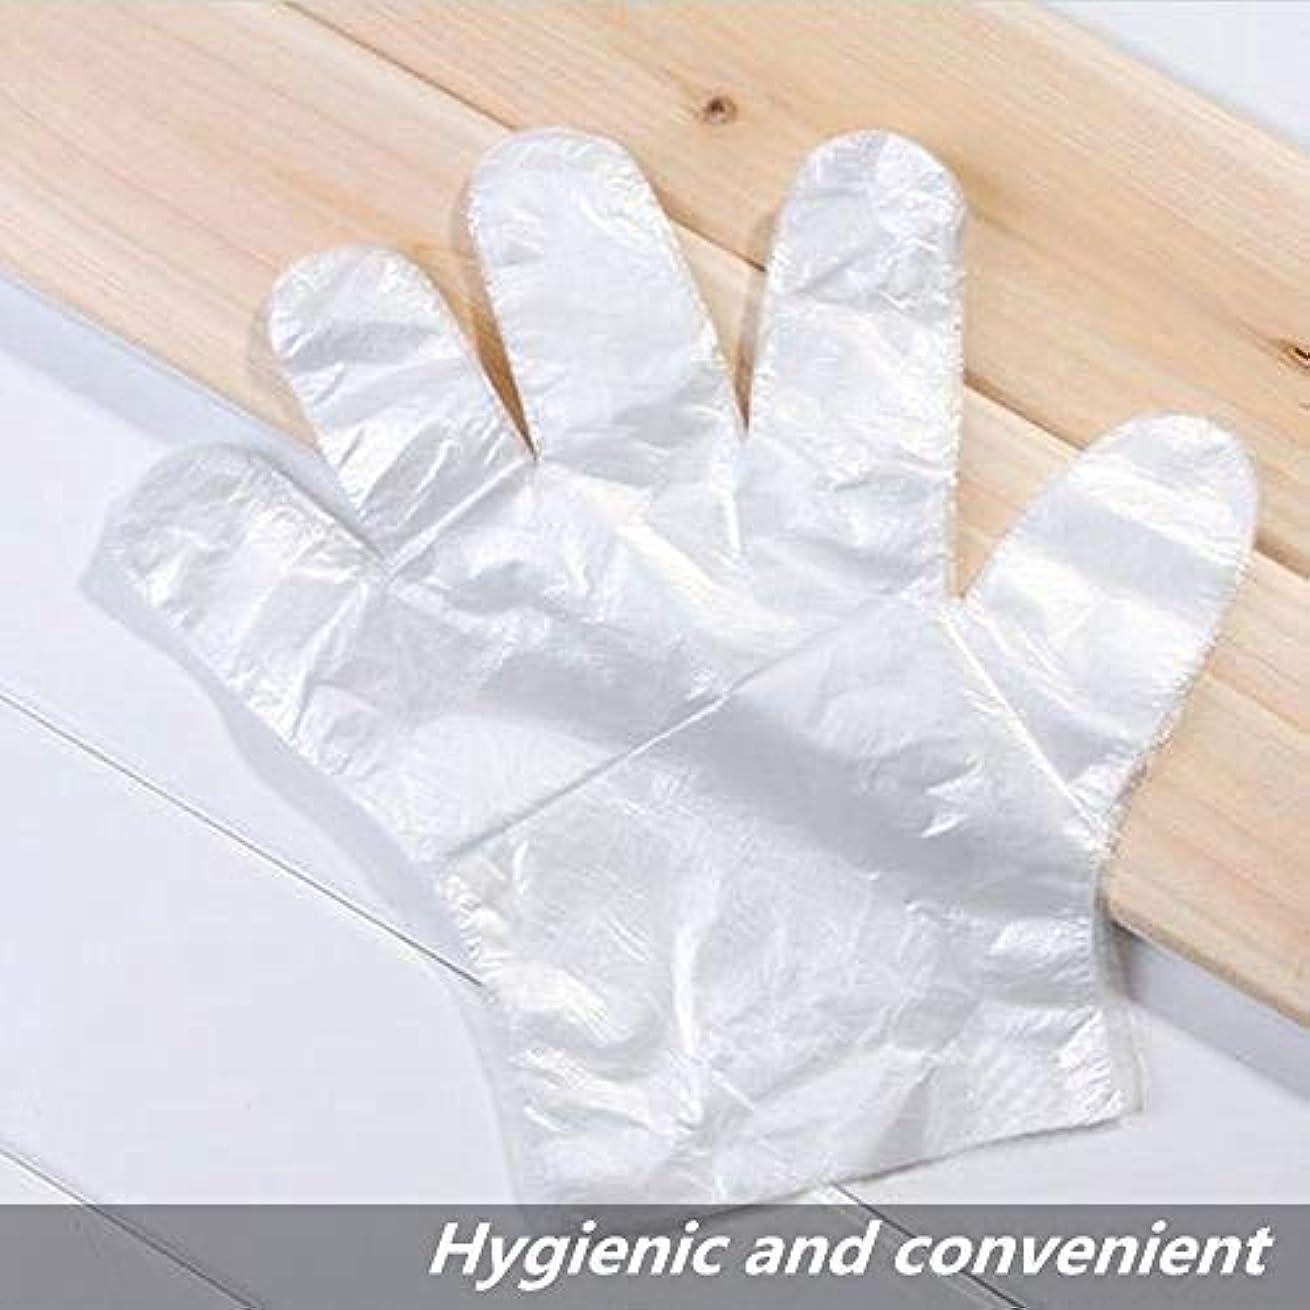 高架納税者鳴り響く使い捨て手袋 プラスチック製使い捨て手袋 超薄型多機能透明なプラスチック手袋調理、掃除、染色などに適しています 50または100個 (50)